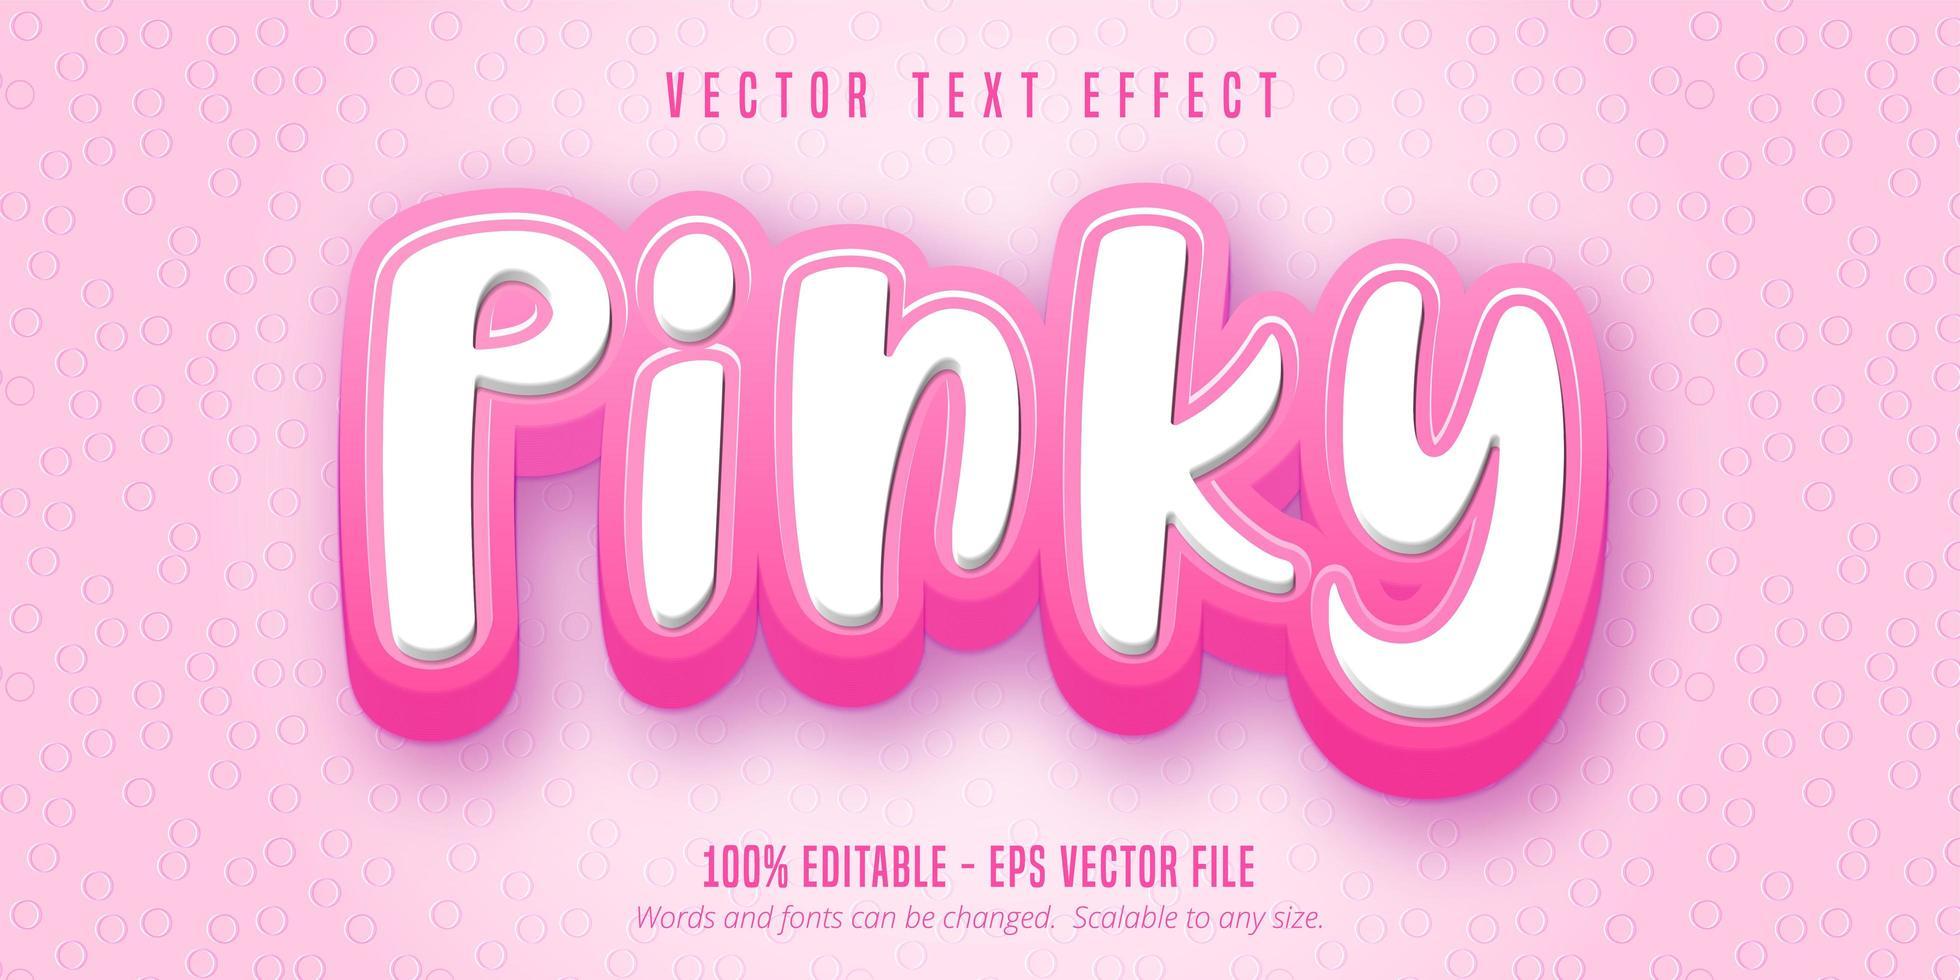 pinktekst, teksteffect in cartoonstijl vector